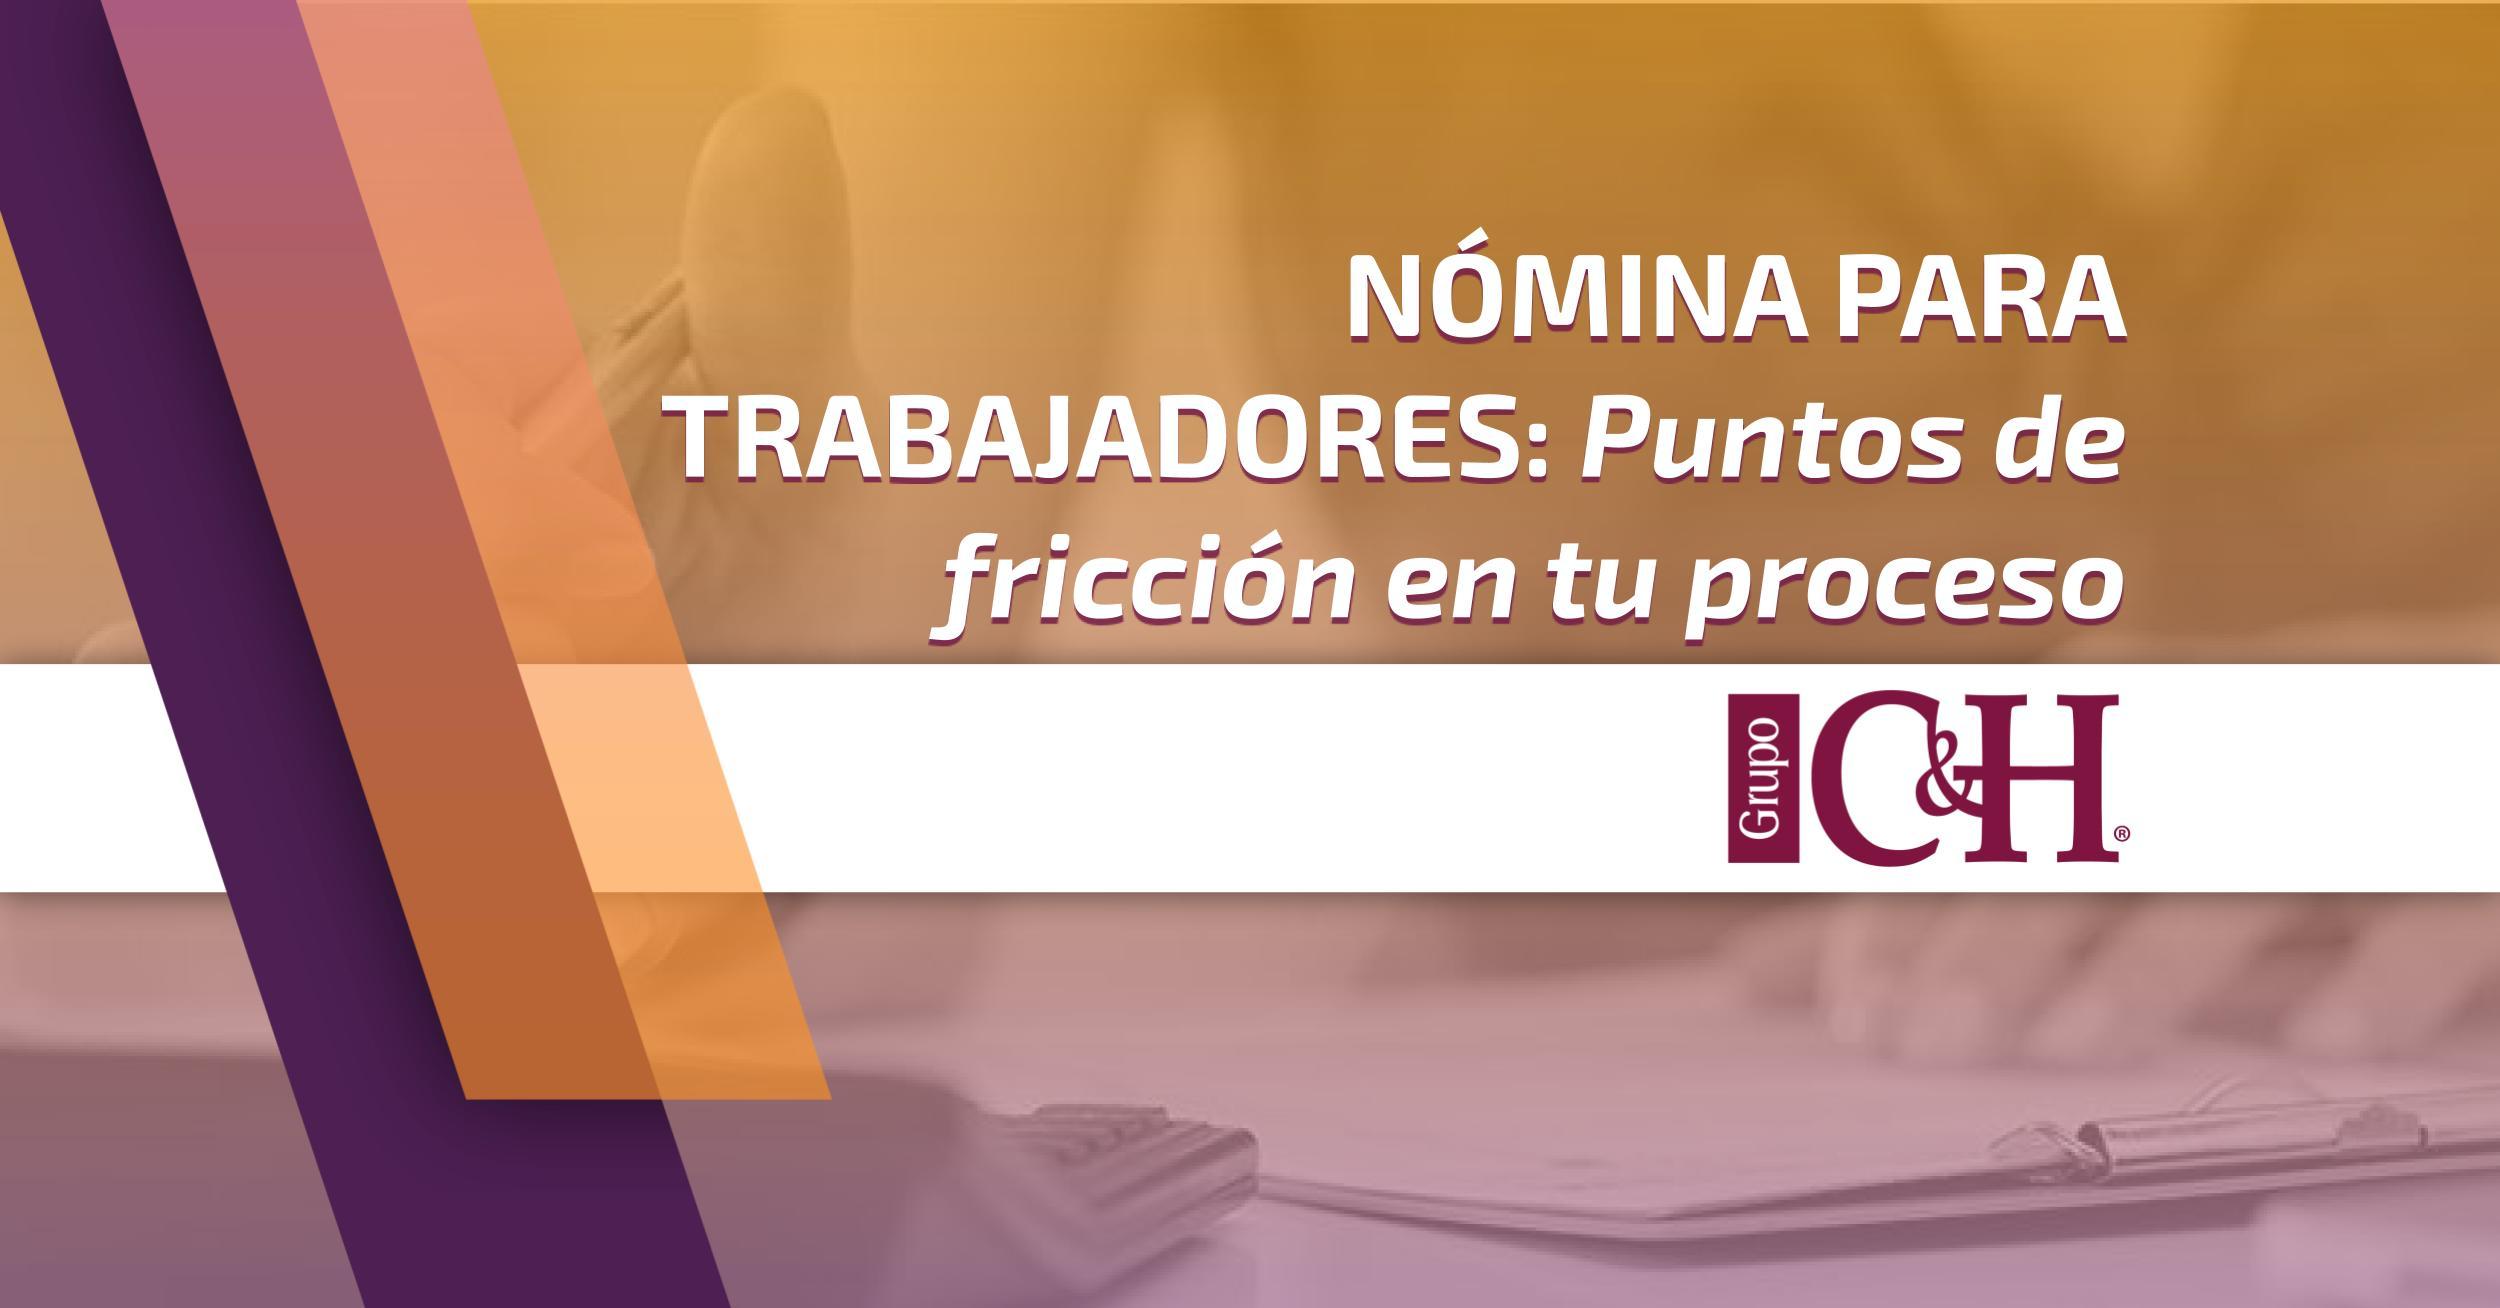 nomina para trabajadores